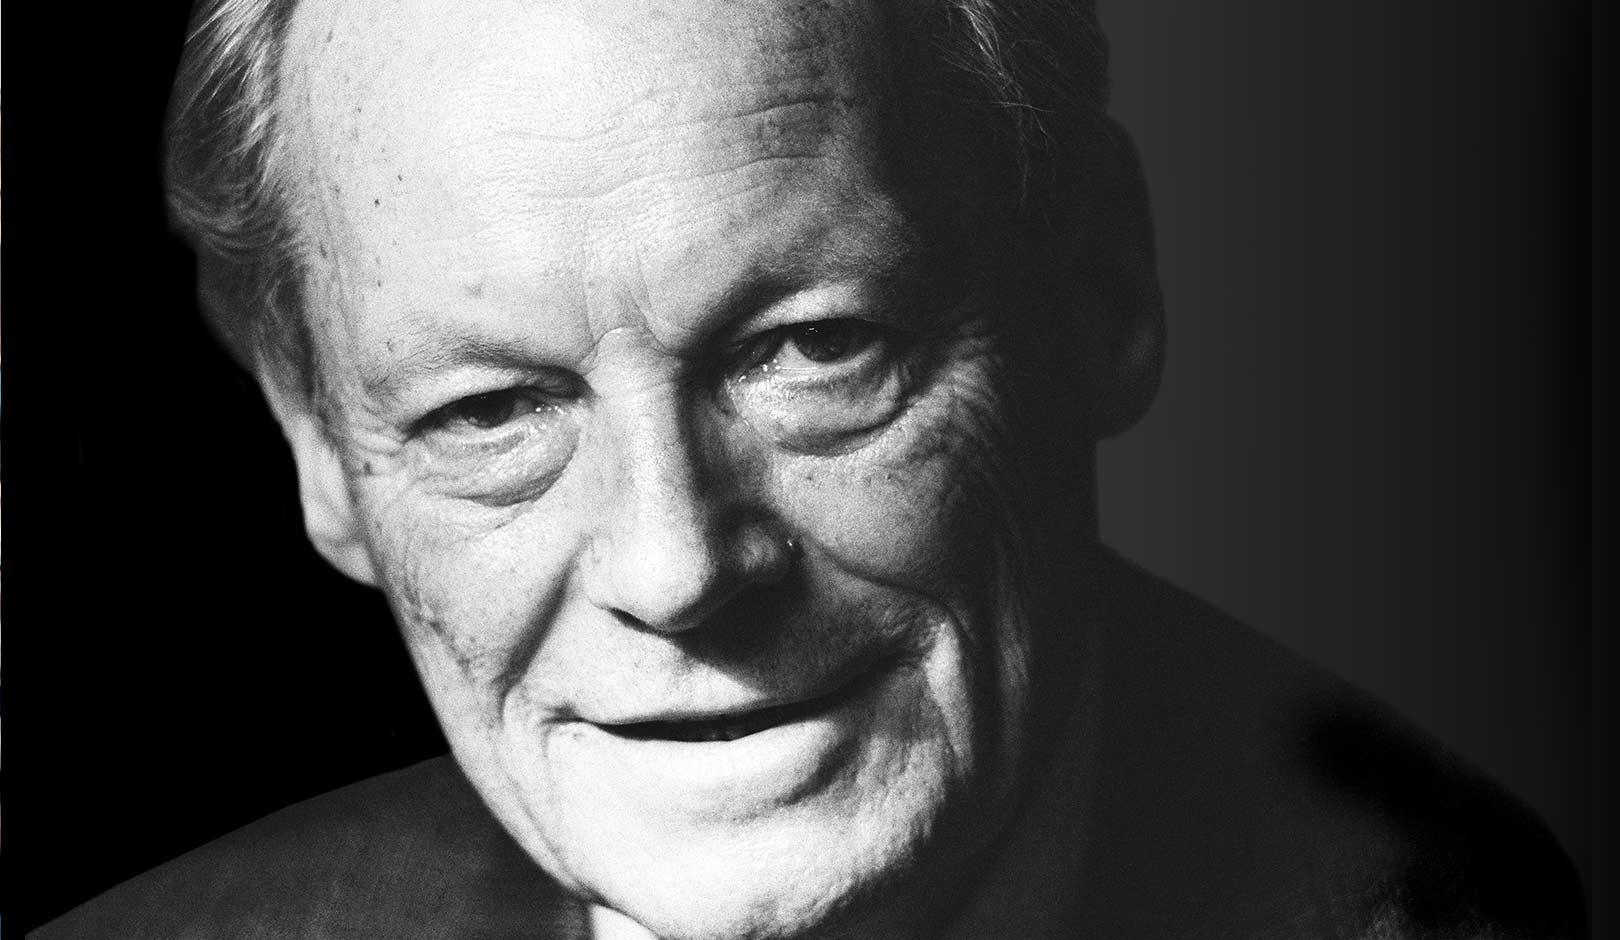 bundesregierungrichard schulze vorberg - Willy Brandt Lebenslauf